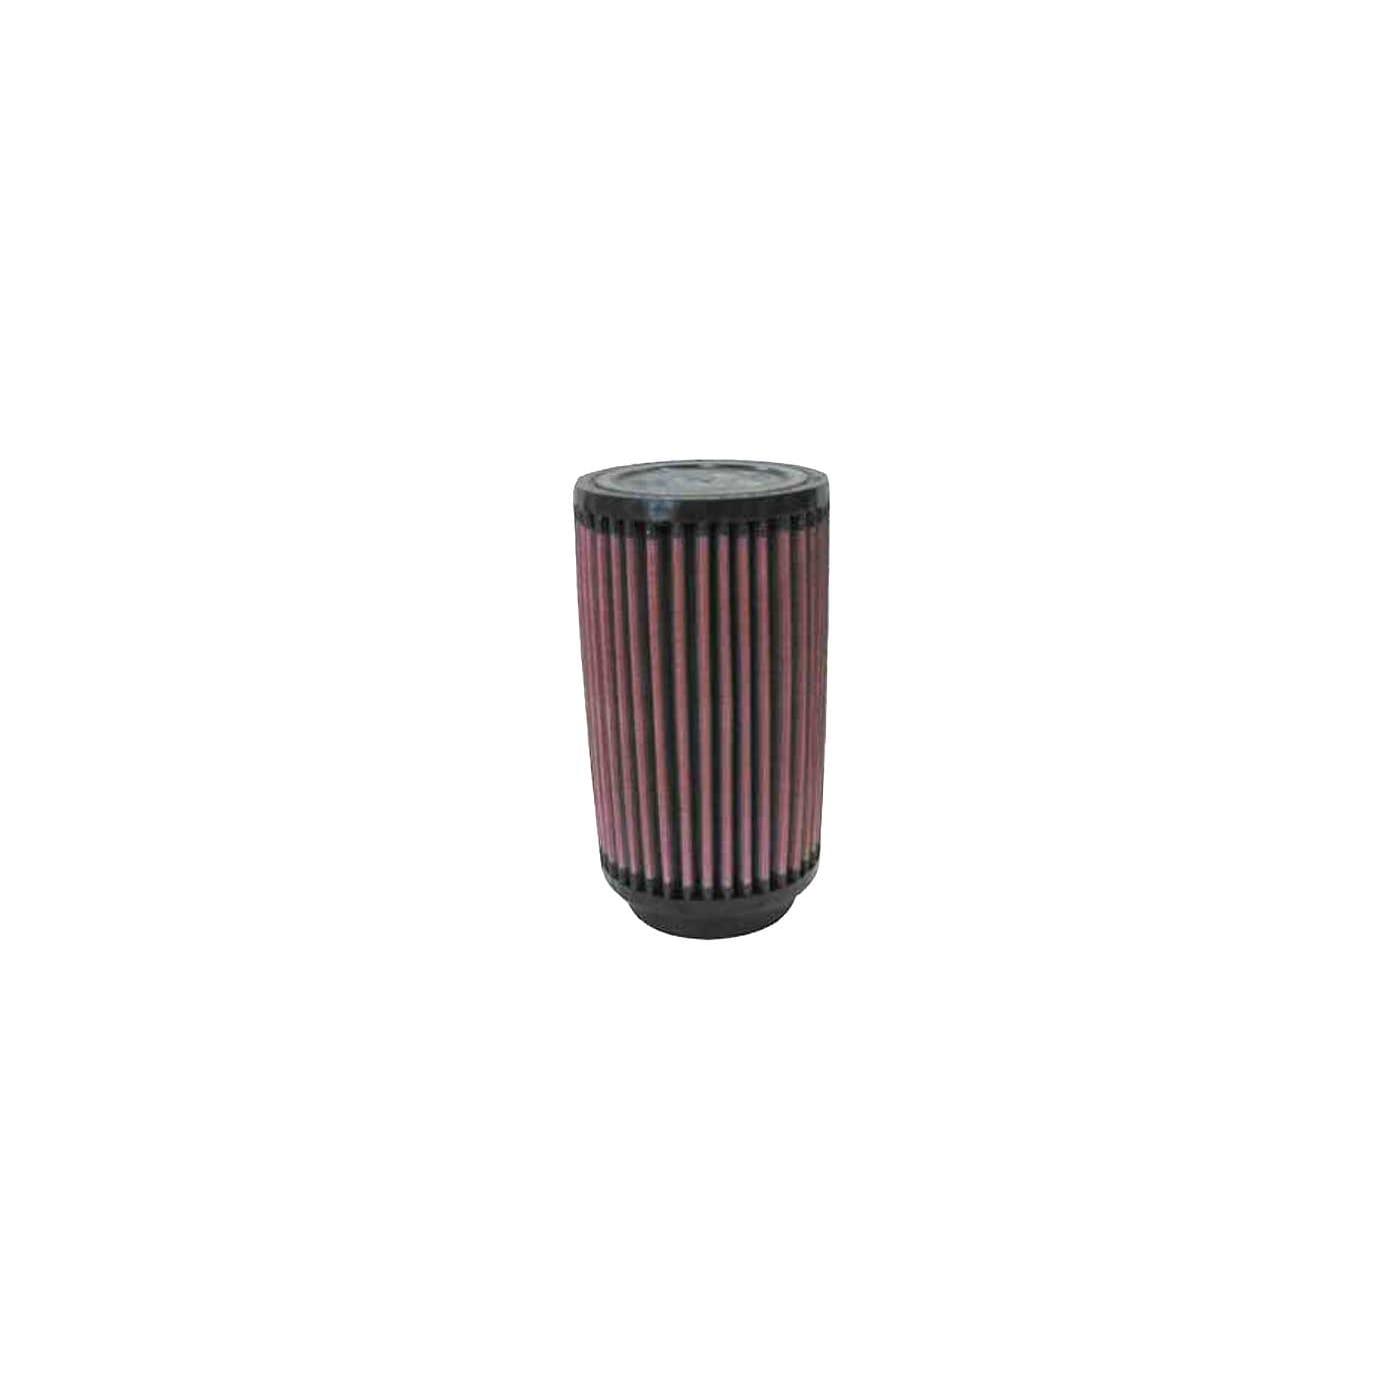 For Your K/&N 25-1770 Filter K/&N RU-0520PK Black Precharger Filter Wrap